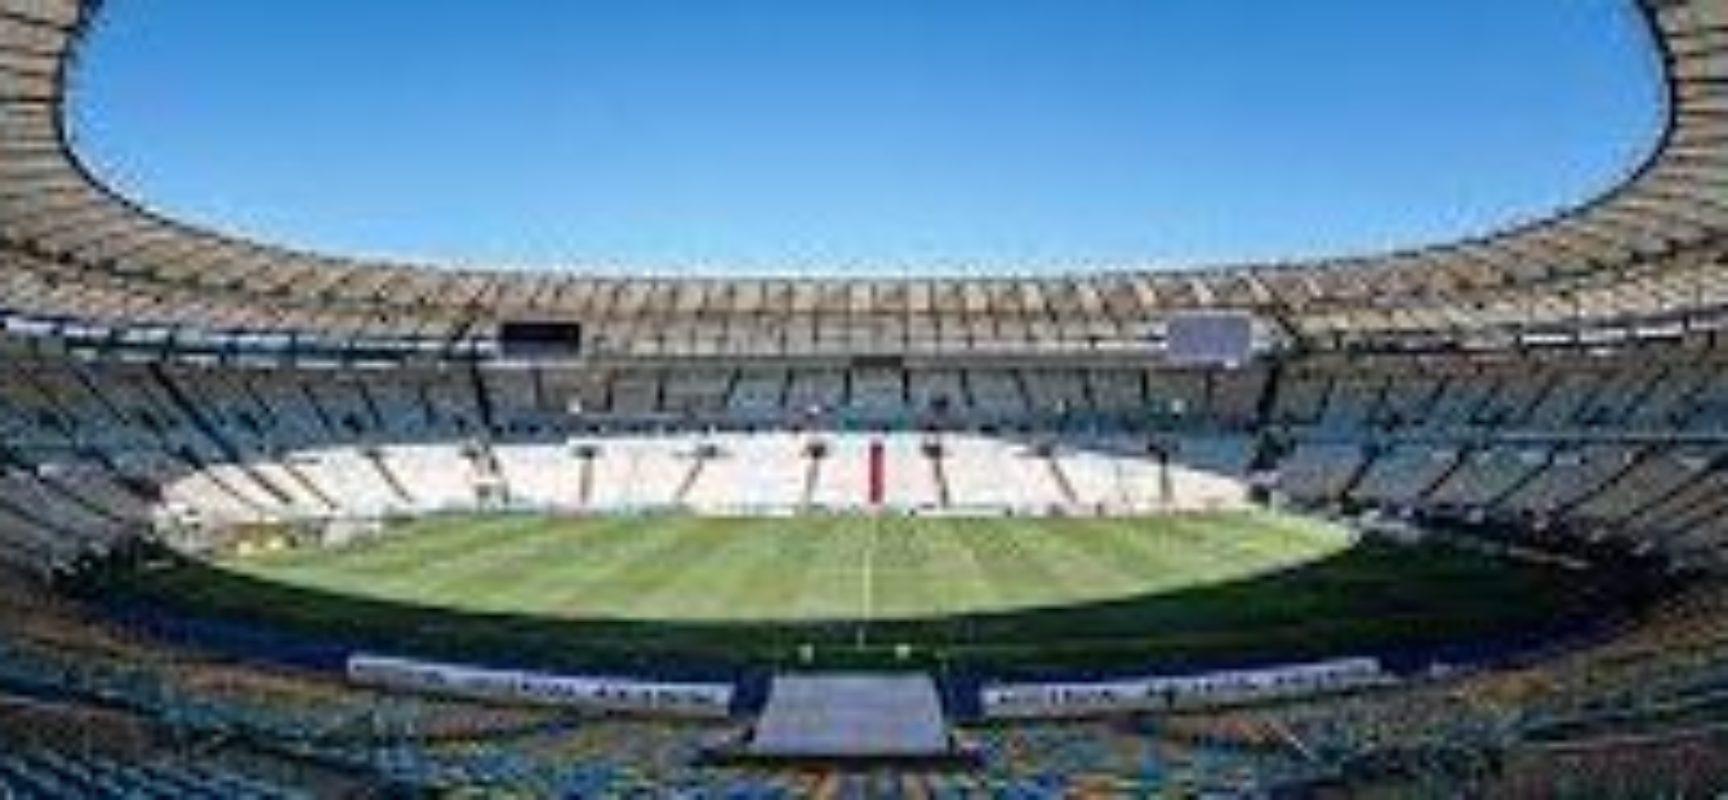 Alerj troca nome de Maracanã para Pelé; neto de Mário Filho protesta